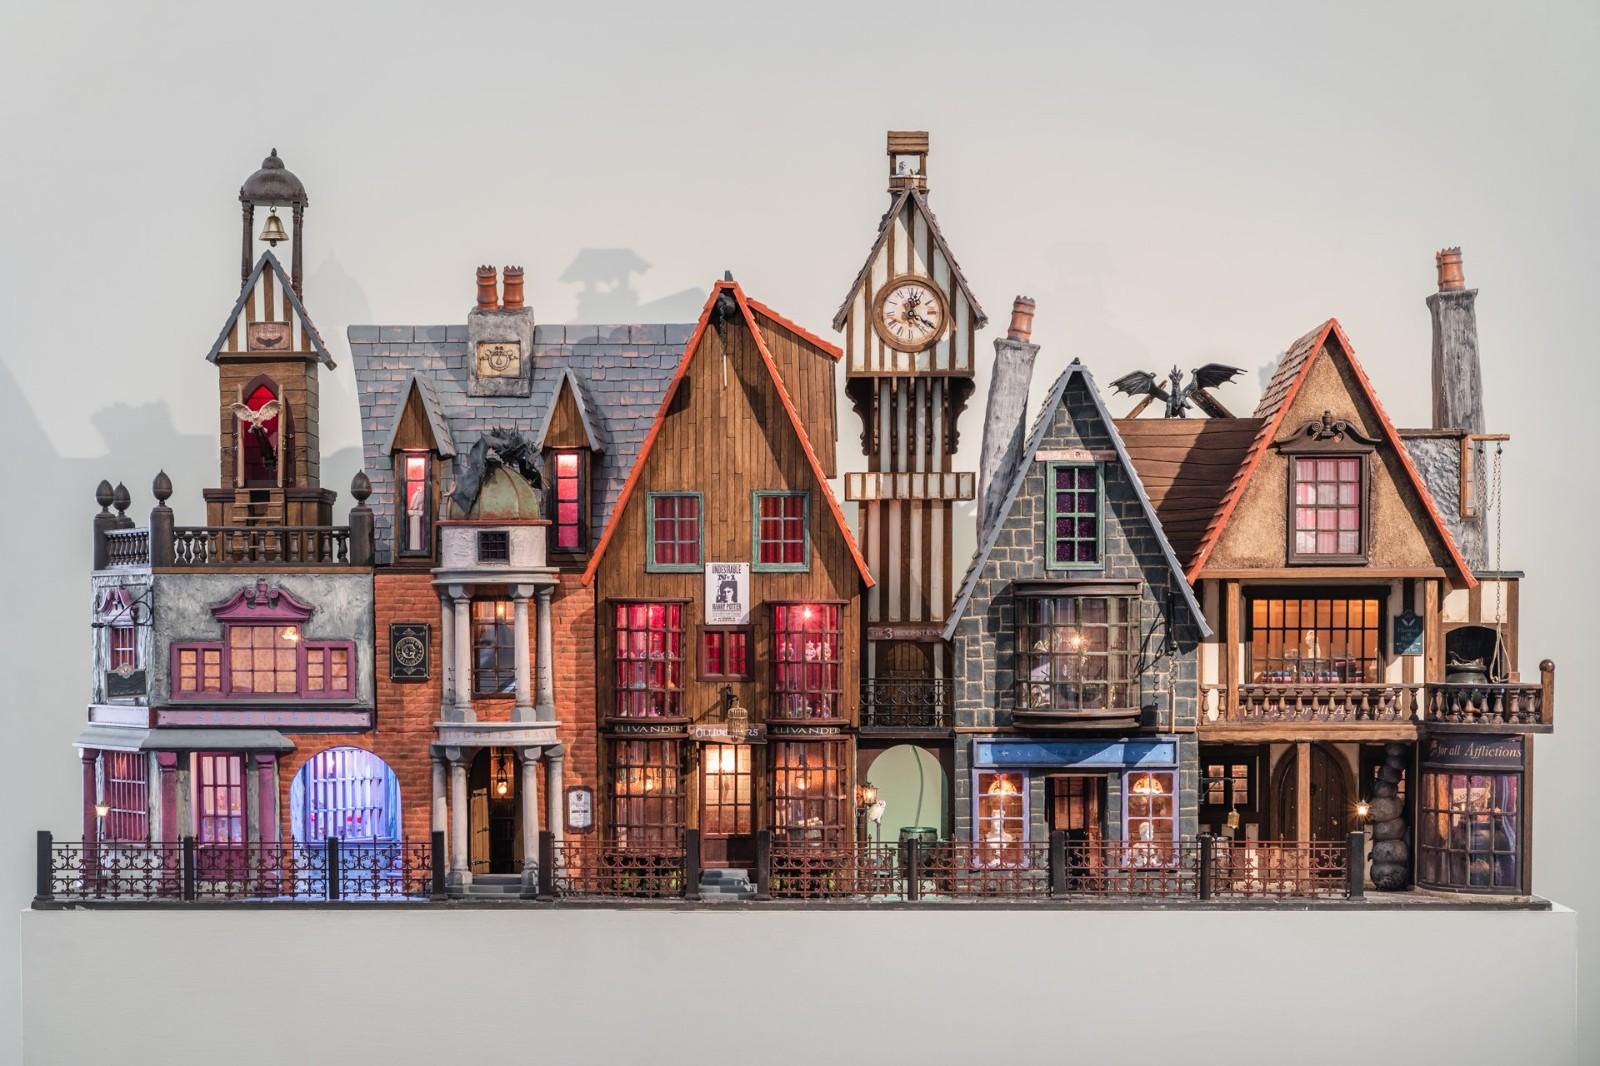 袖珍屋作品「哈利波特斜角巷」耗時九個月打造,呈現魔法世界六棟特色商店.jpg